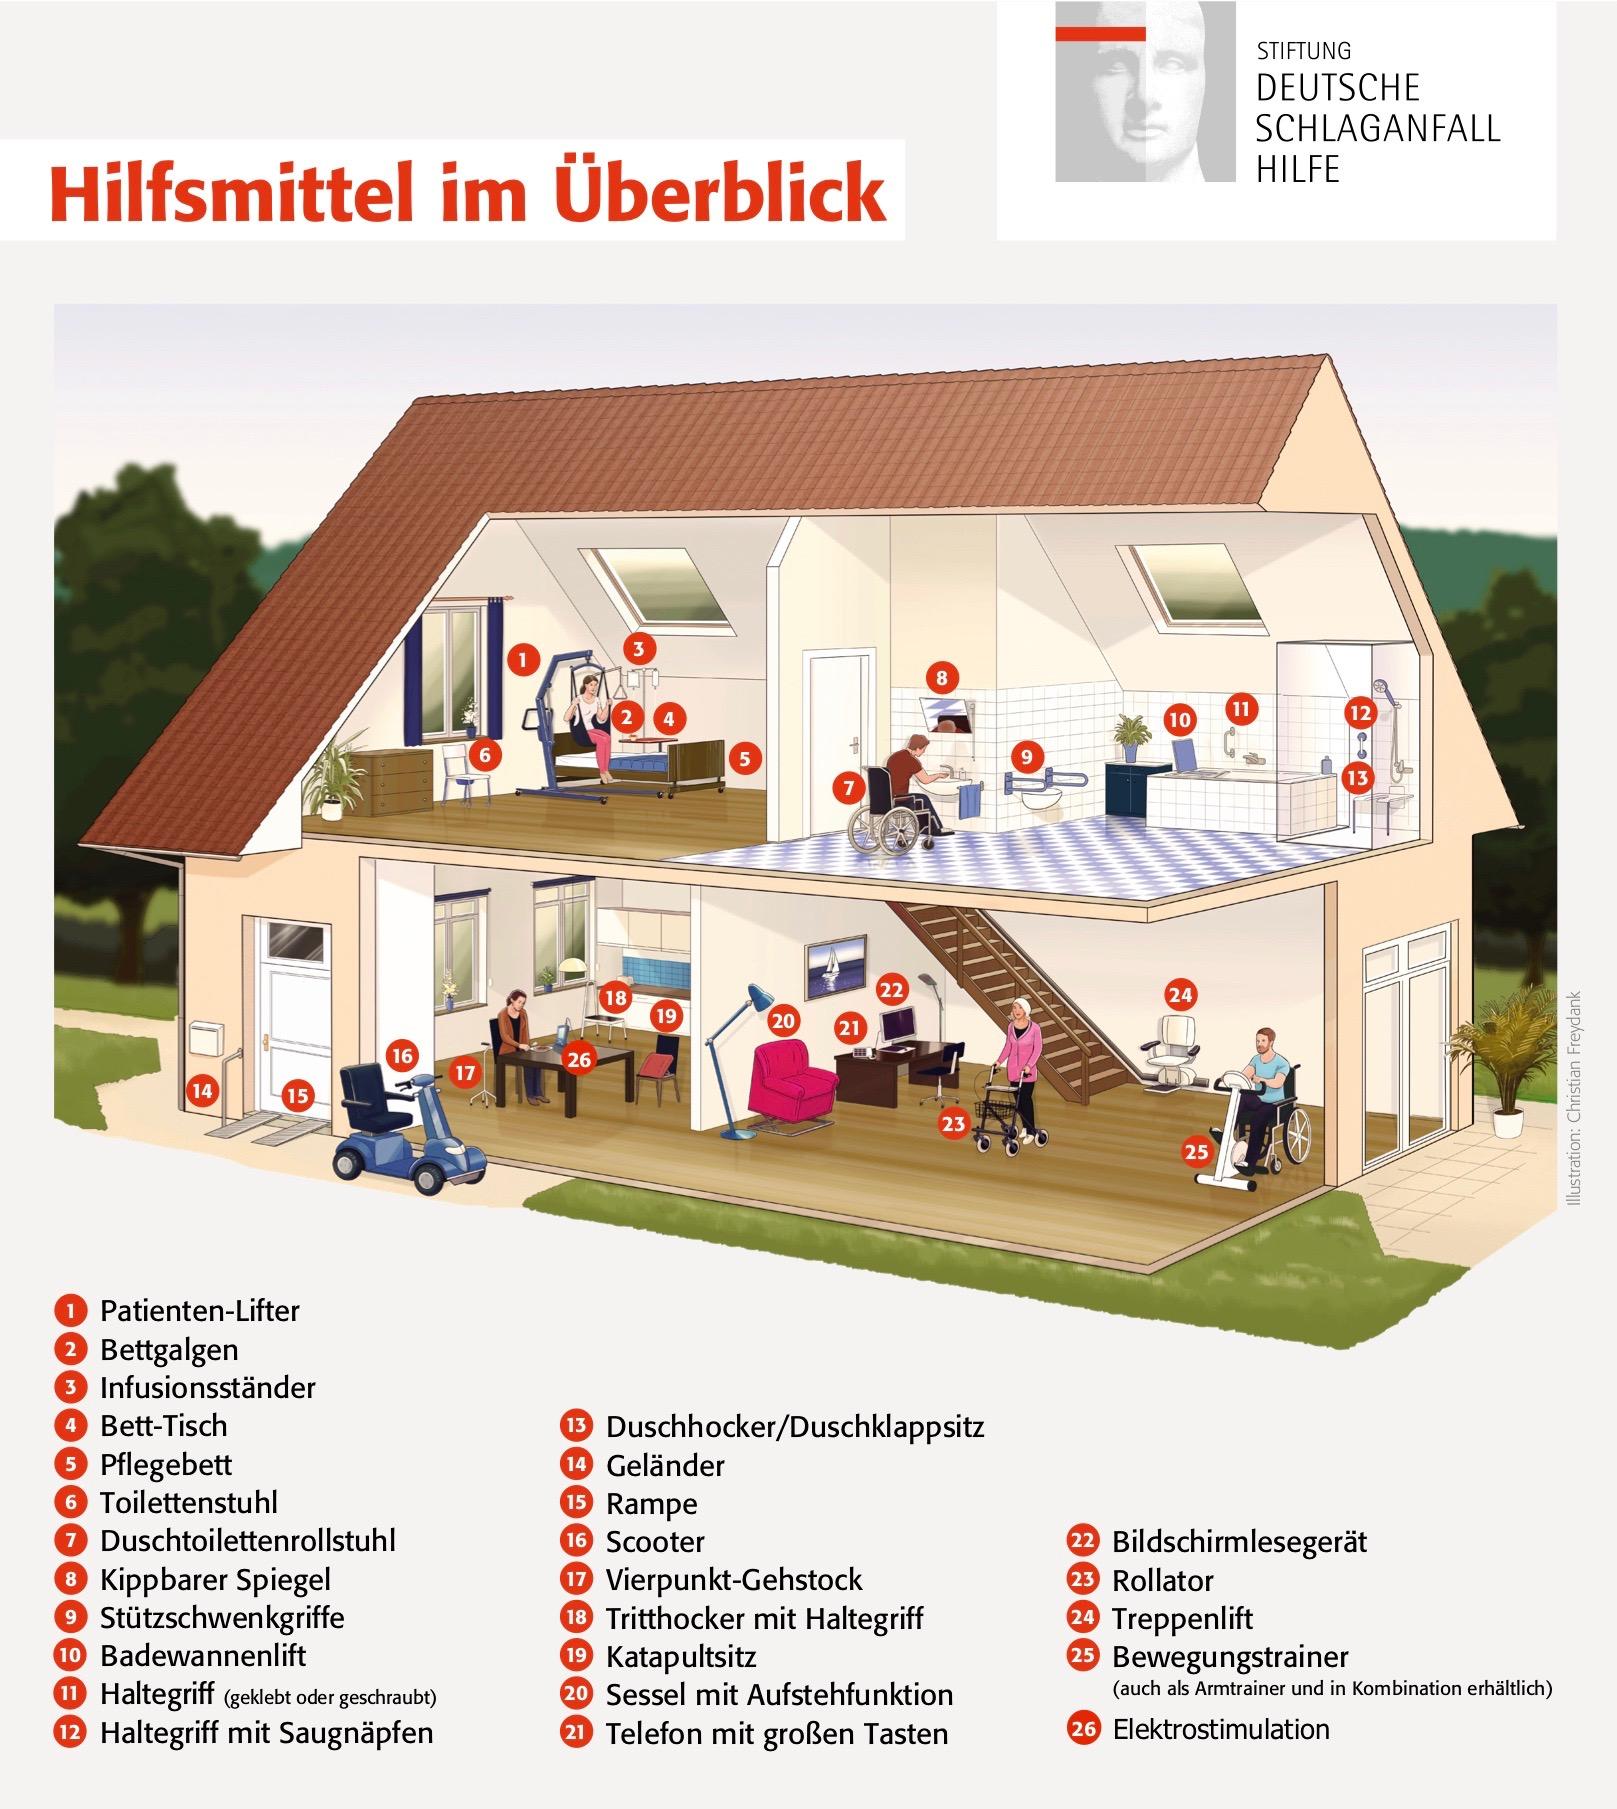 K+T Schlaganfall Versorgung Hamburg - Hilfsmittel